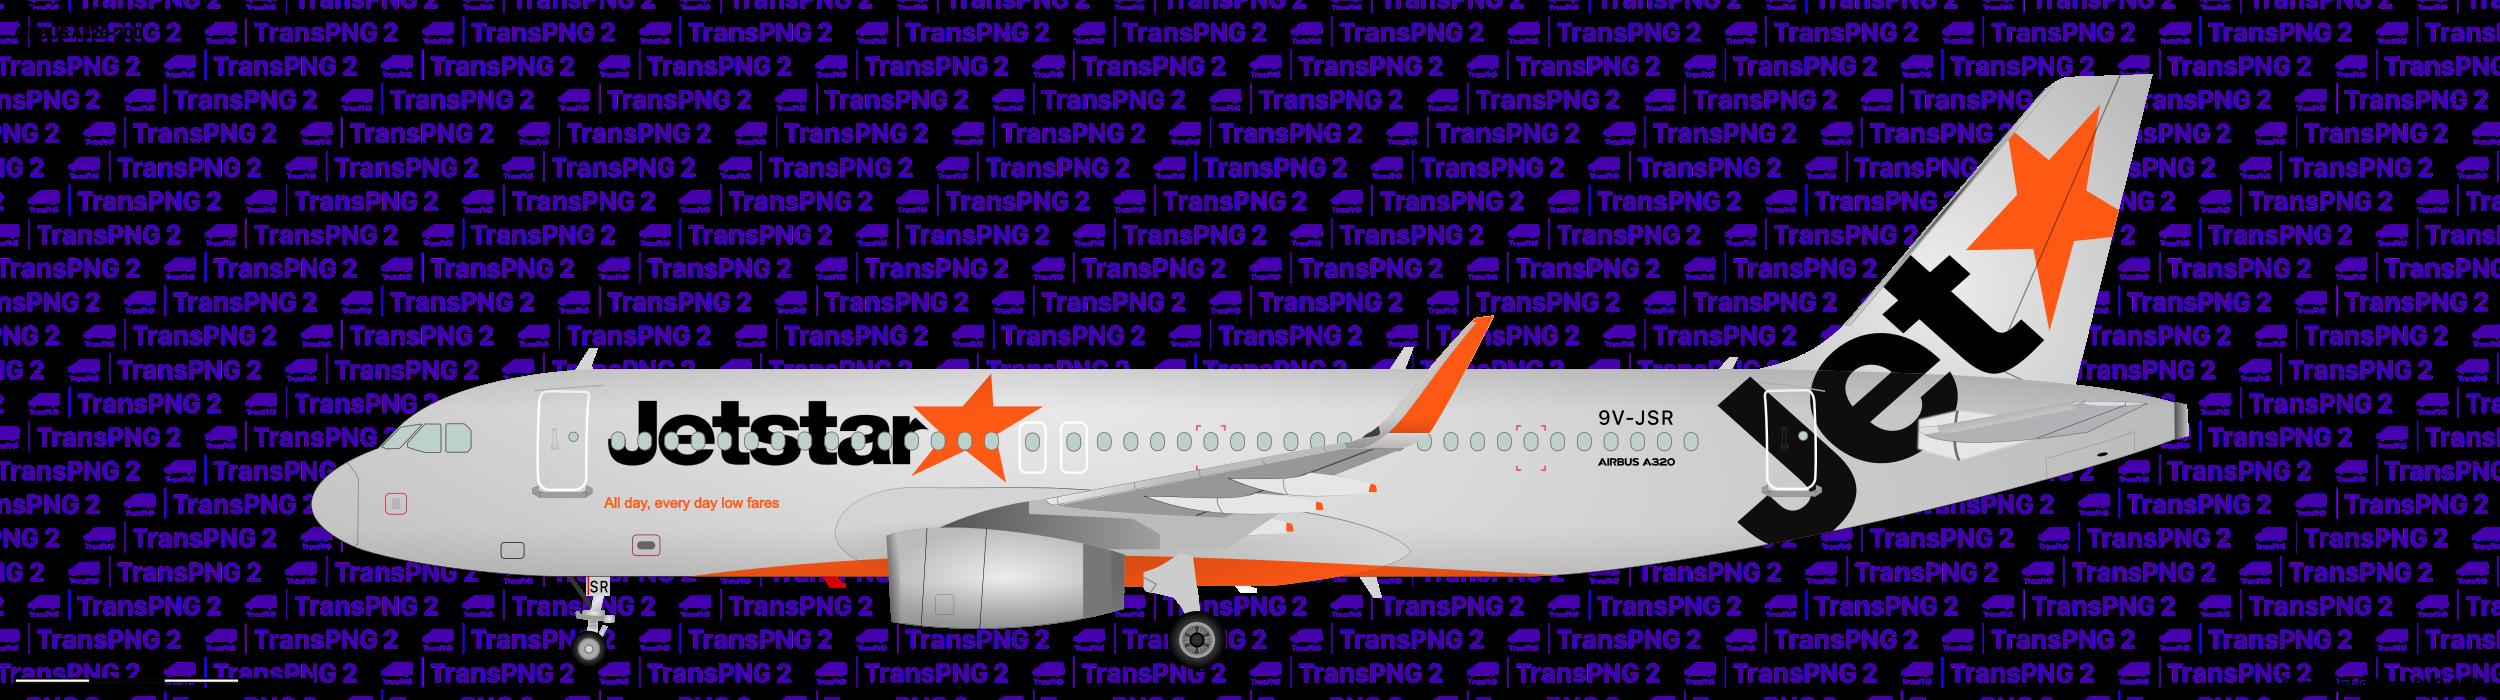 [25087] 捷星亞洲航空 25087